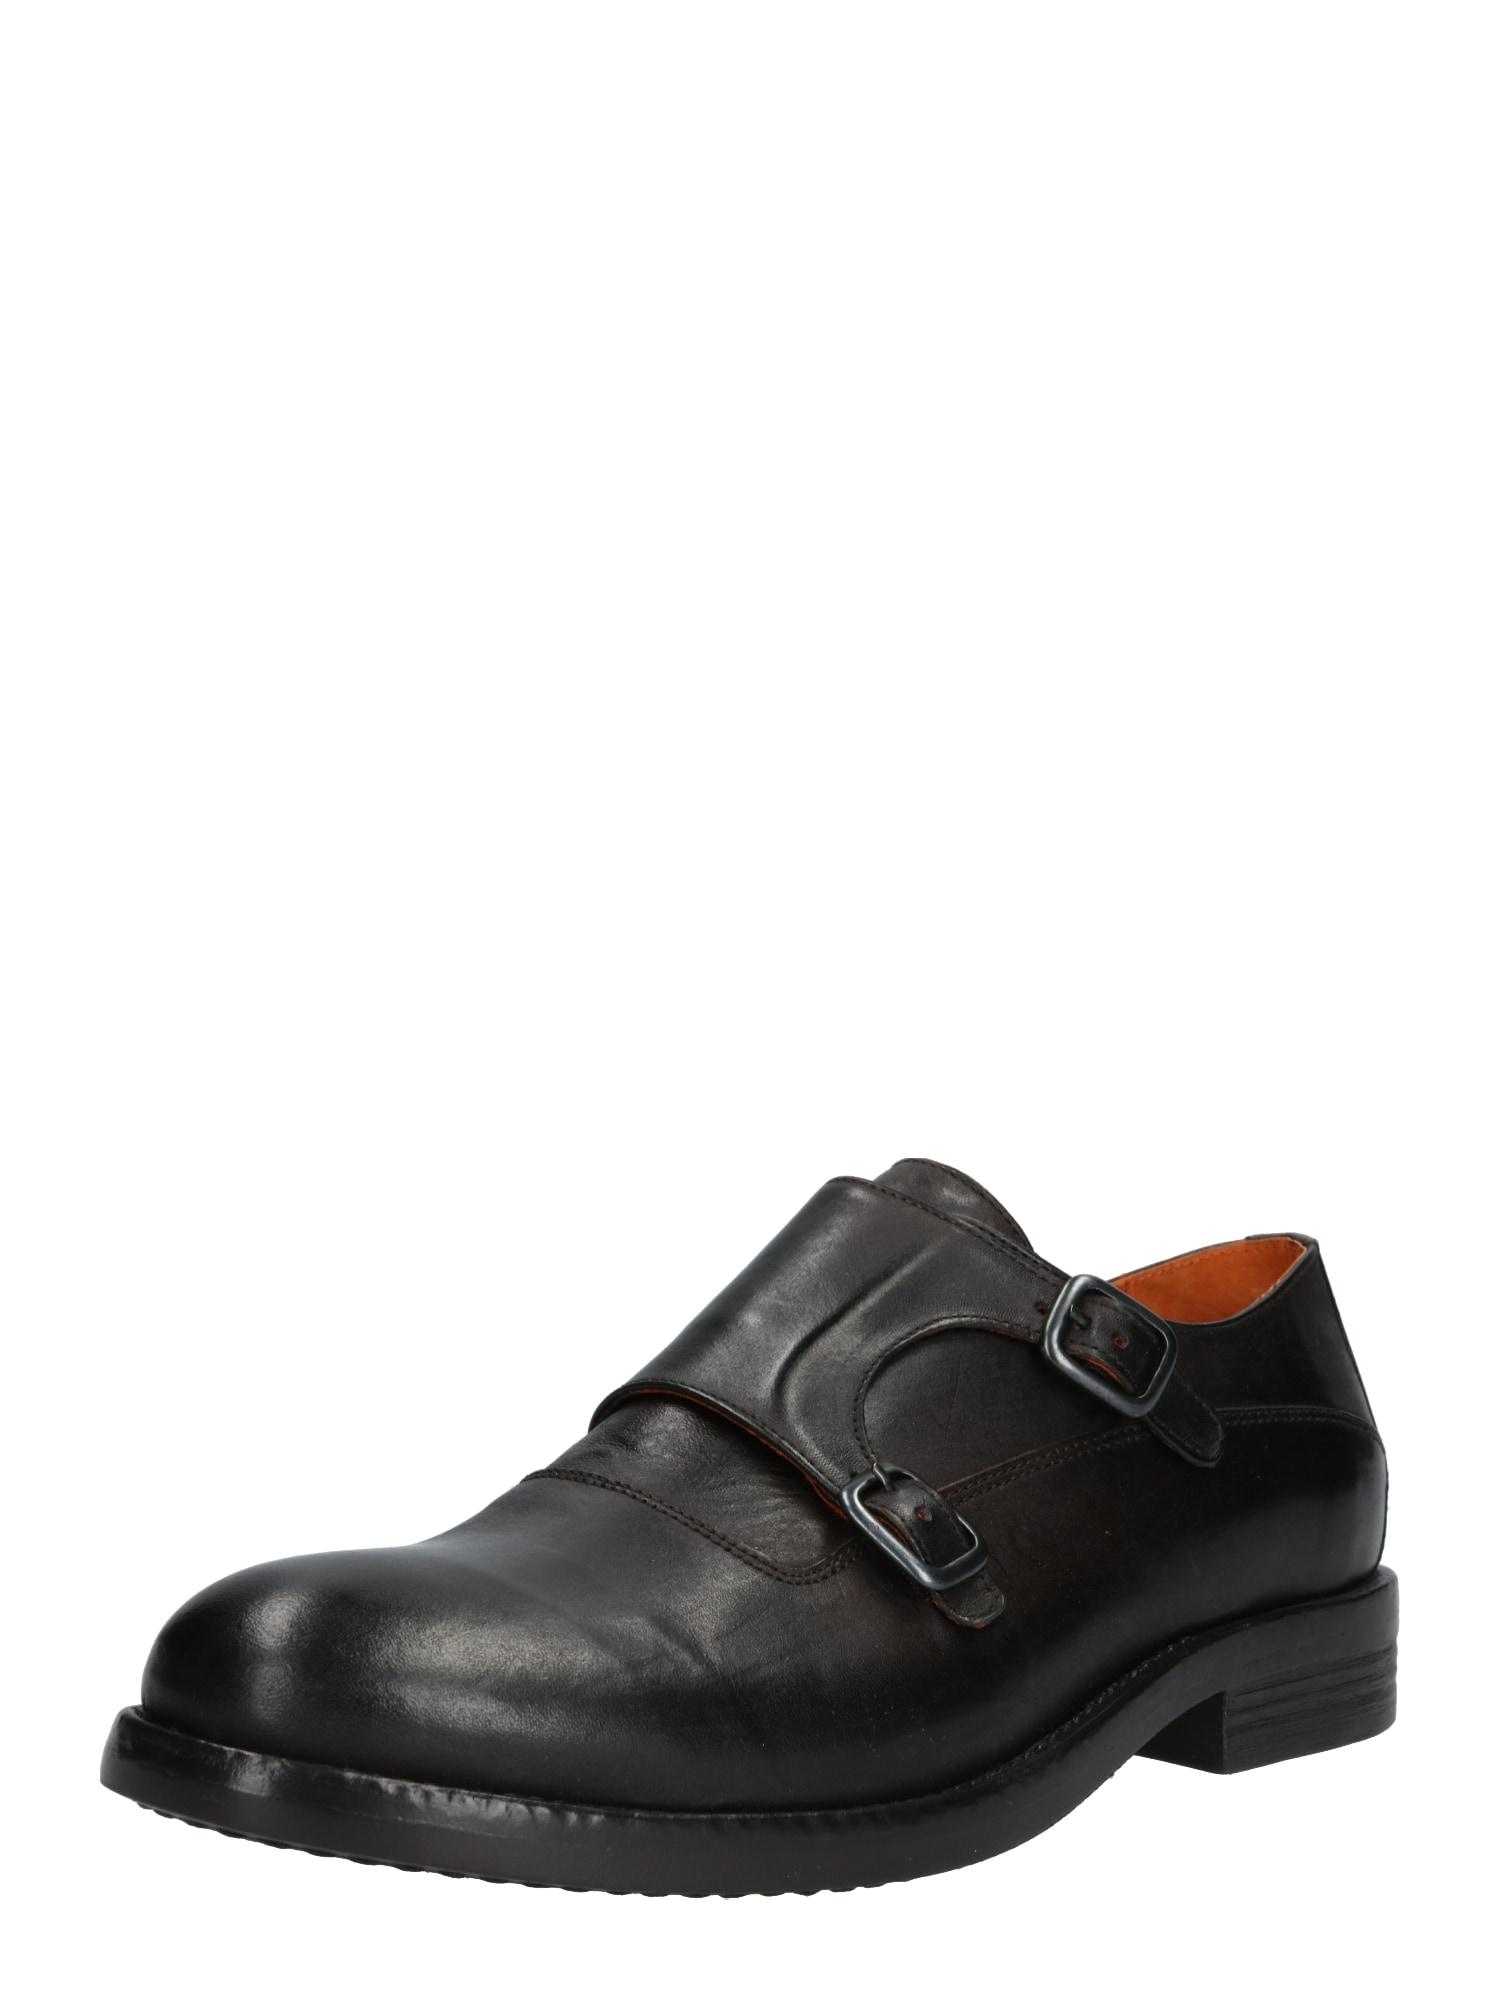 Sportovní šněrovací boty ACE tmavě hnědá Bianco